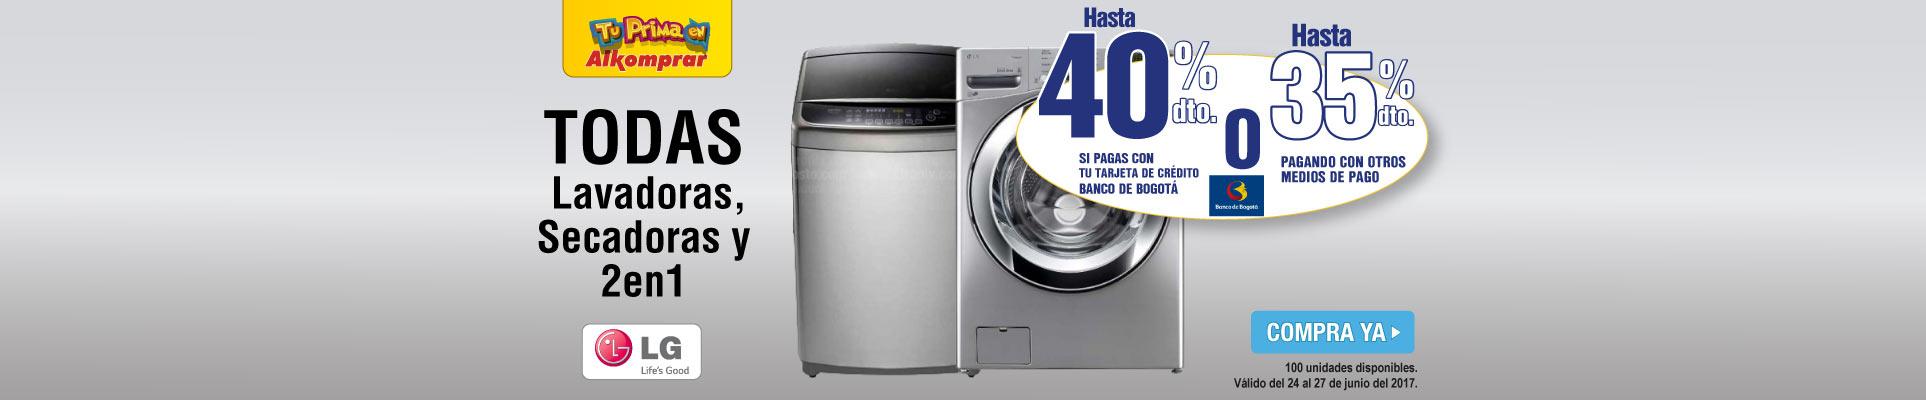 hasta 35 Dto. lavadoras y secadoras LG - banner principal